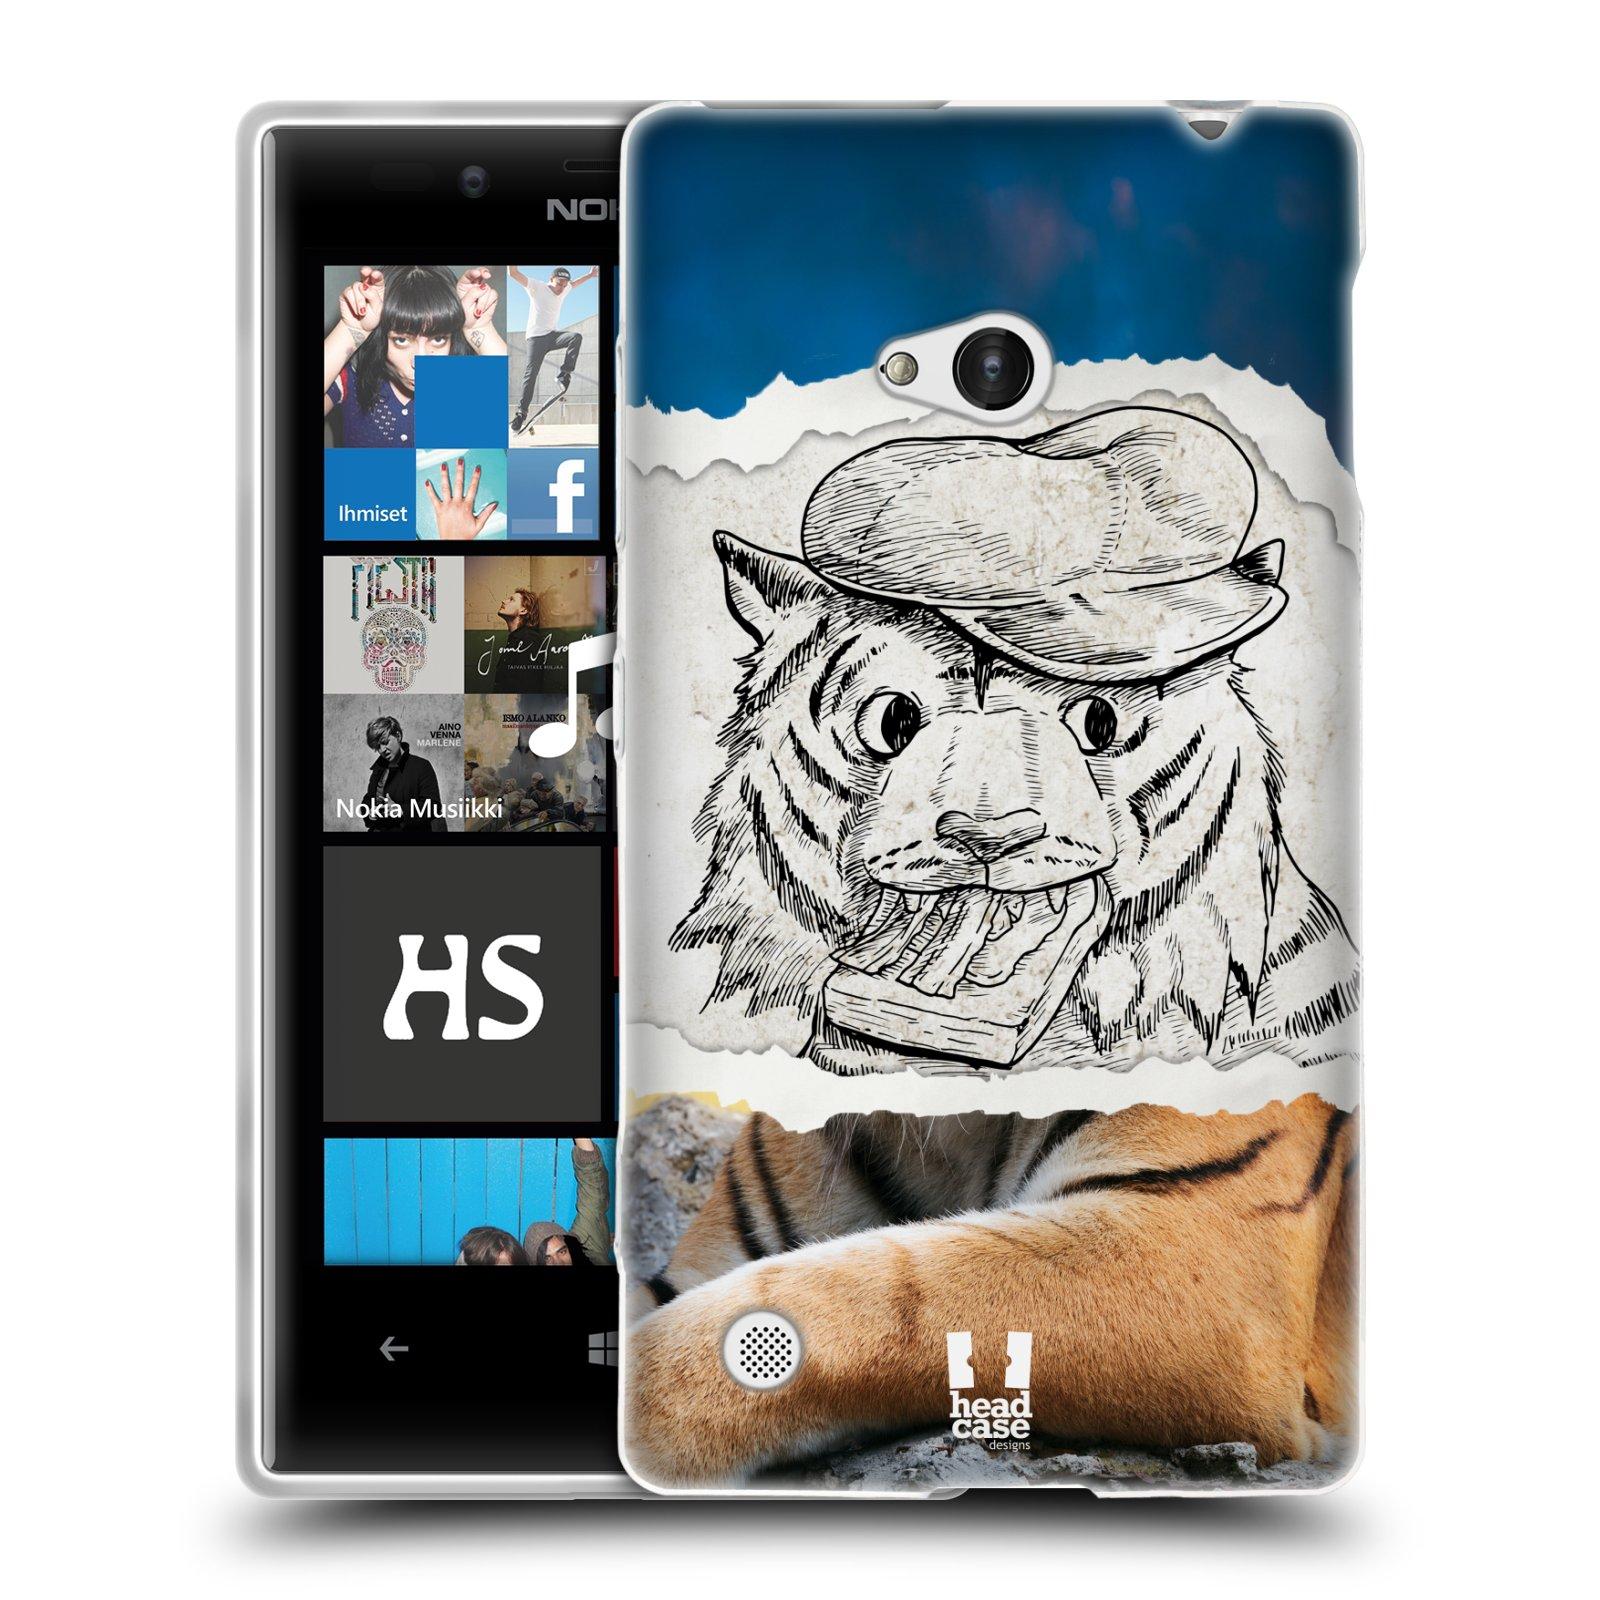 HEAD CASE silikonový obal na mobil NOKIA Lumia 720 vzor zvířata koláž tygr fešák